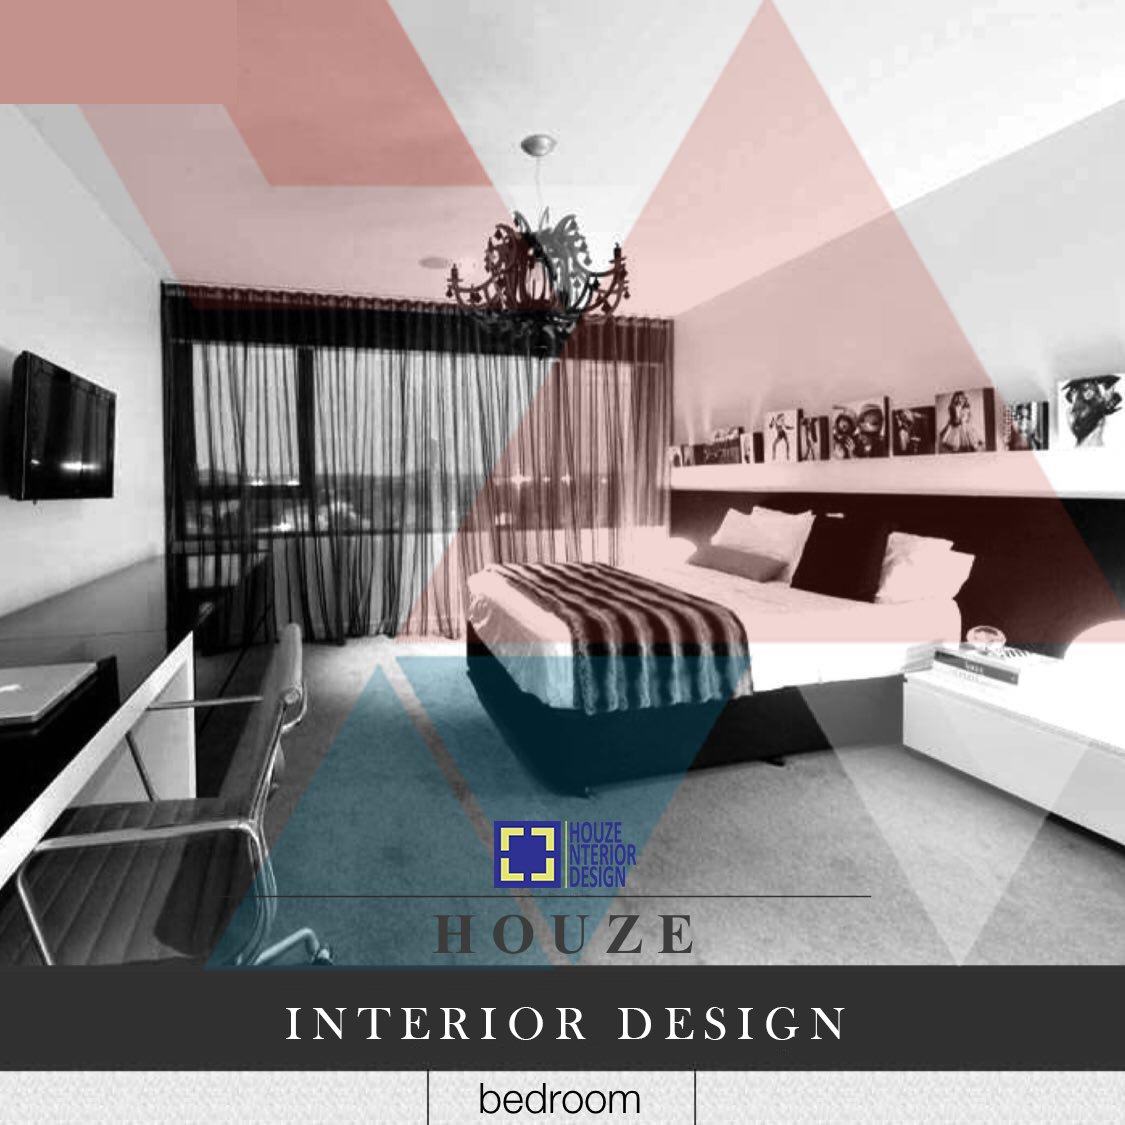 Houze interiordesign HInteriodesign Twitter